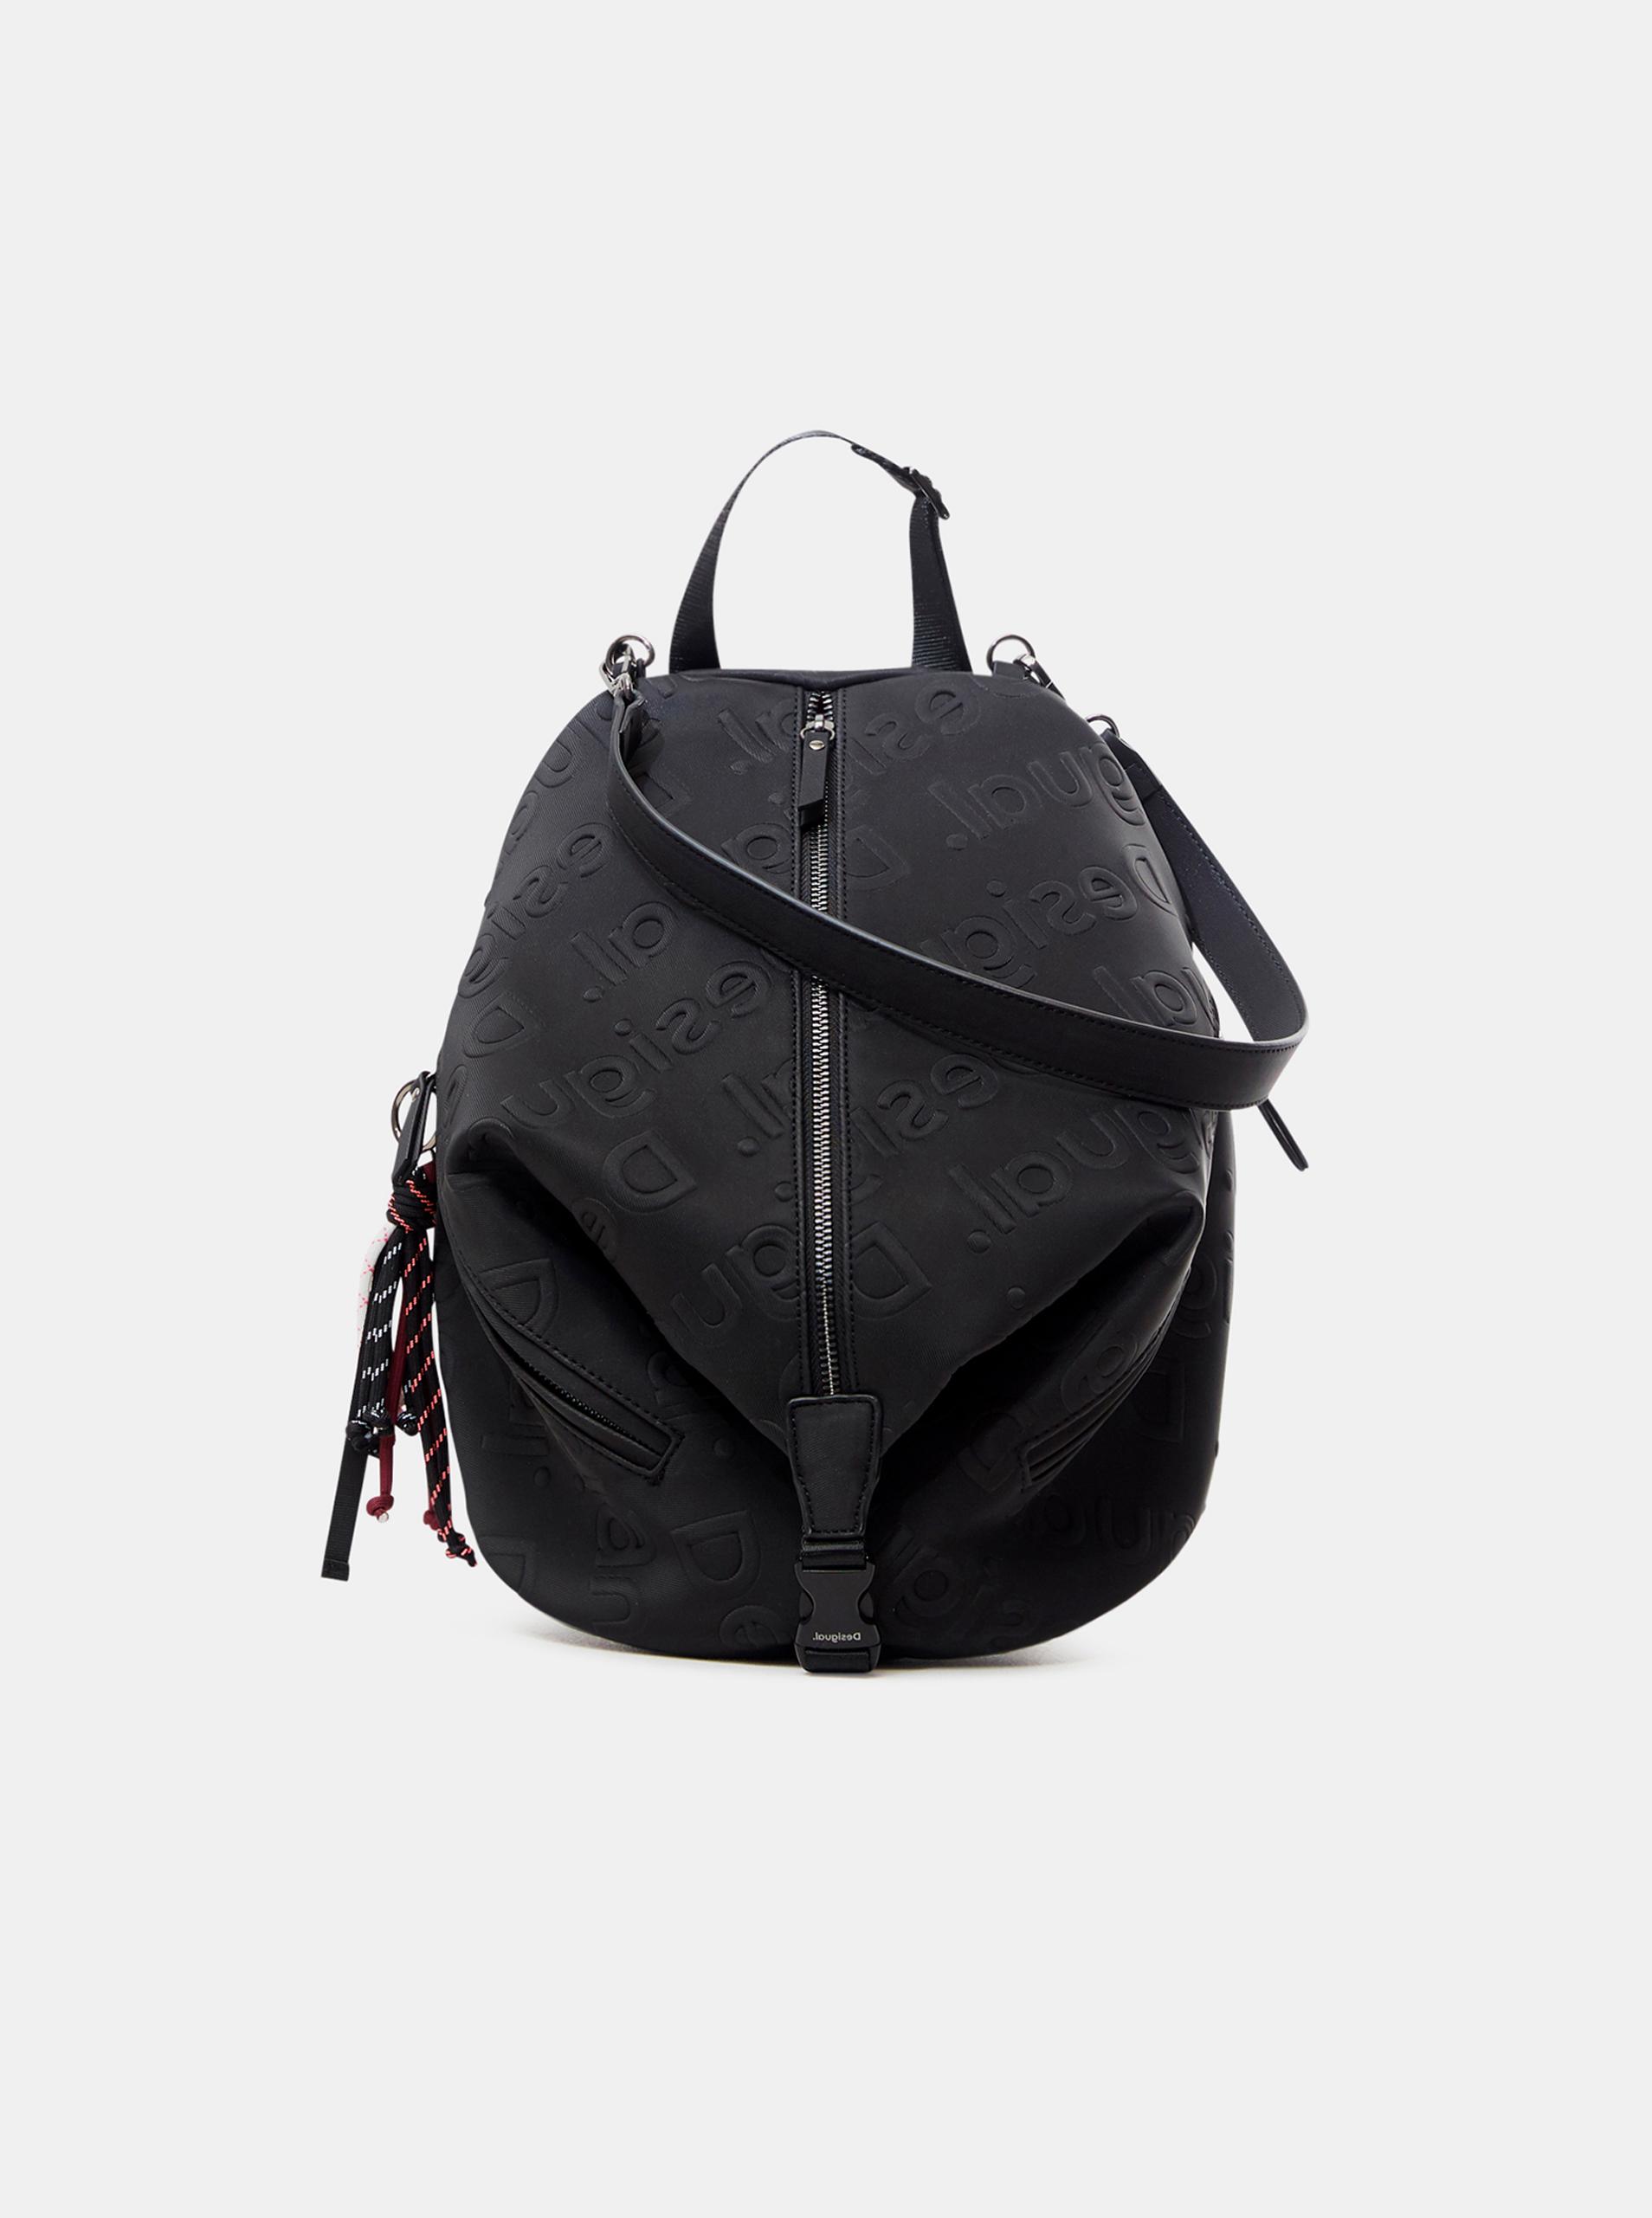 Černý dámský vzorovaný batoh Desigual Galia Viana Mini